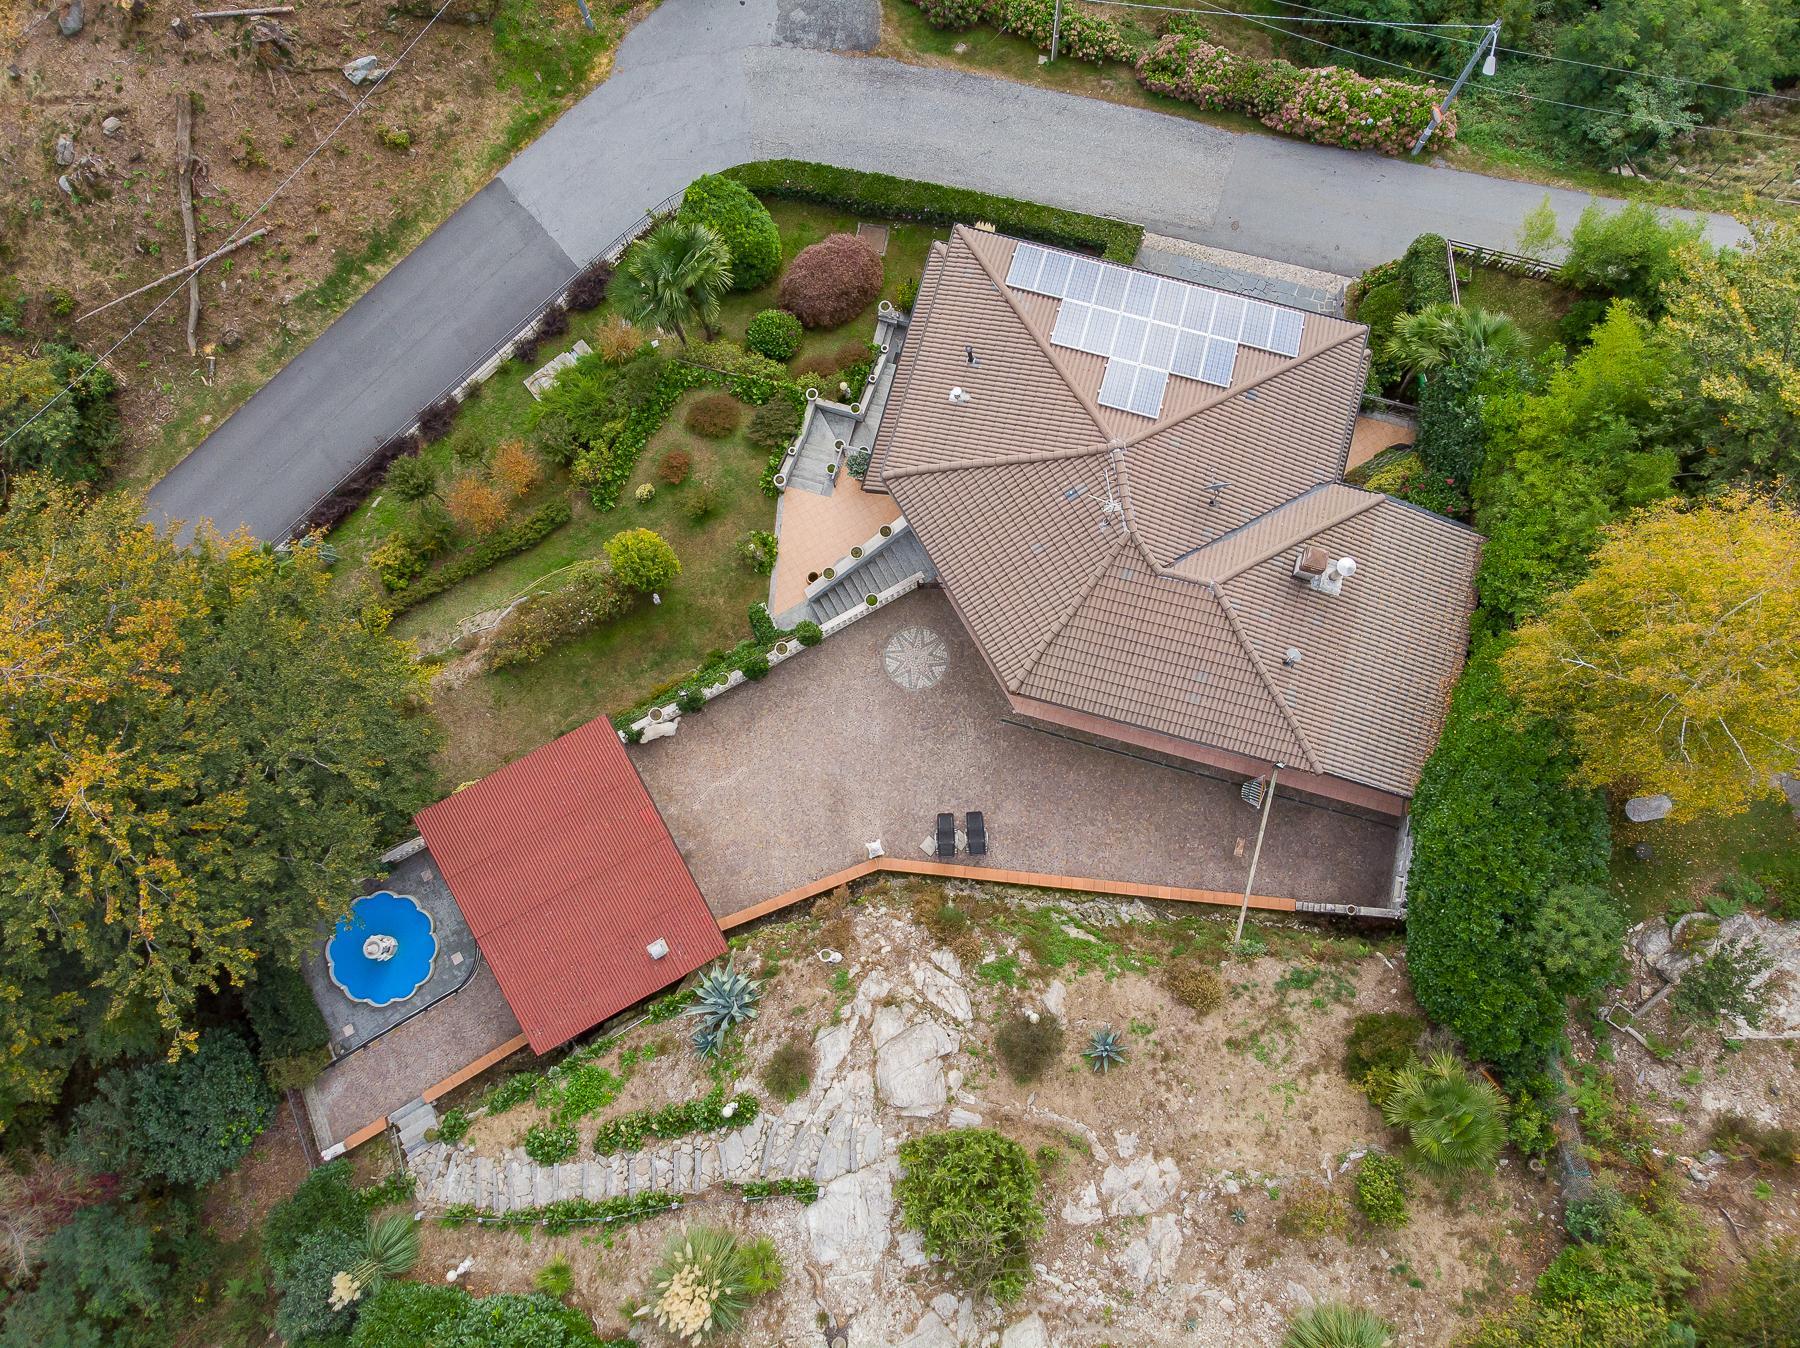 Villa unifamiliare nella zona collinare di Verbania con vista magnifica sul lago - 4